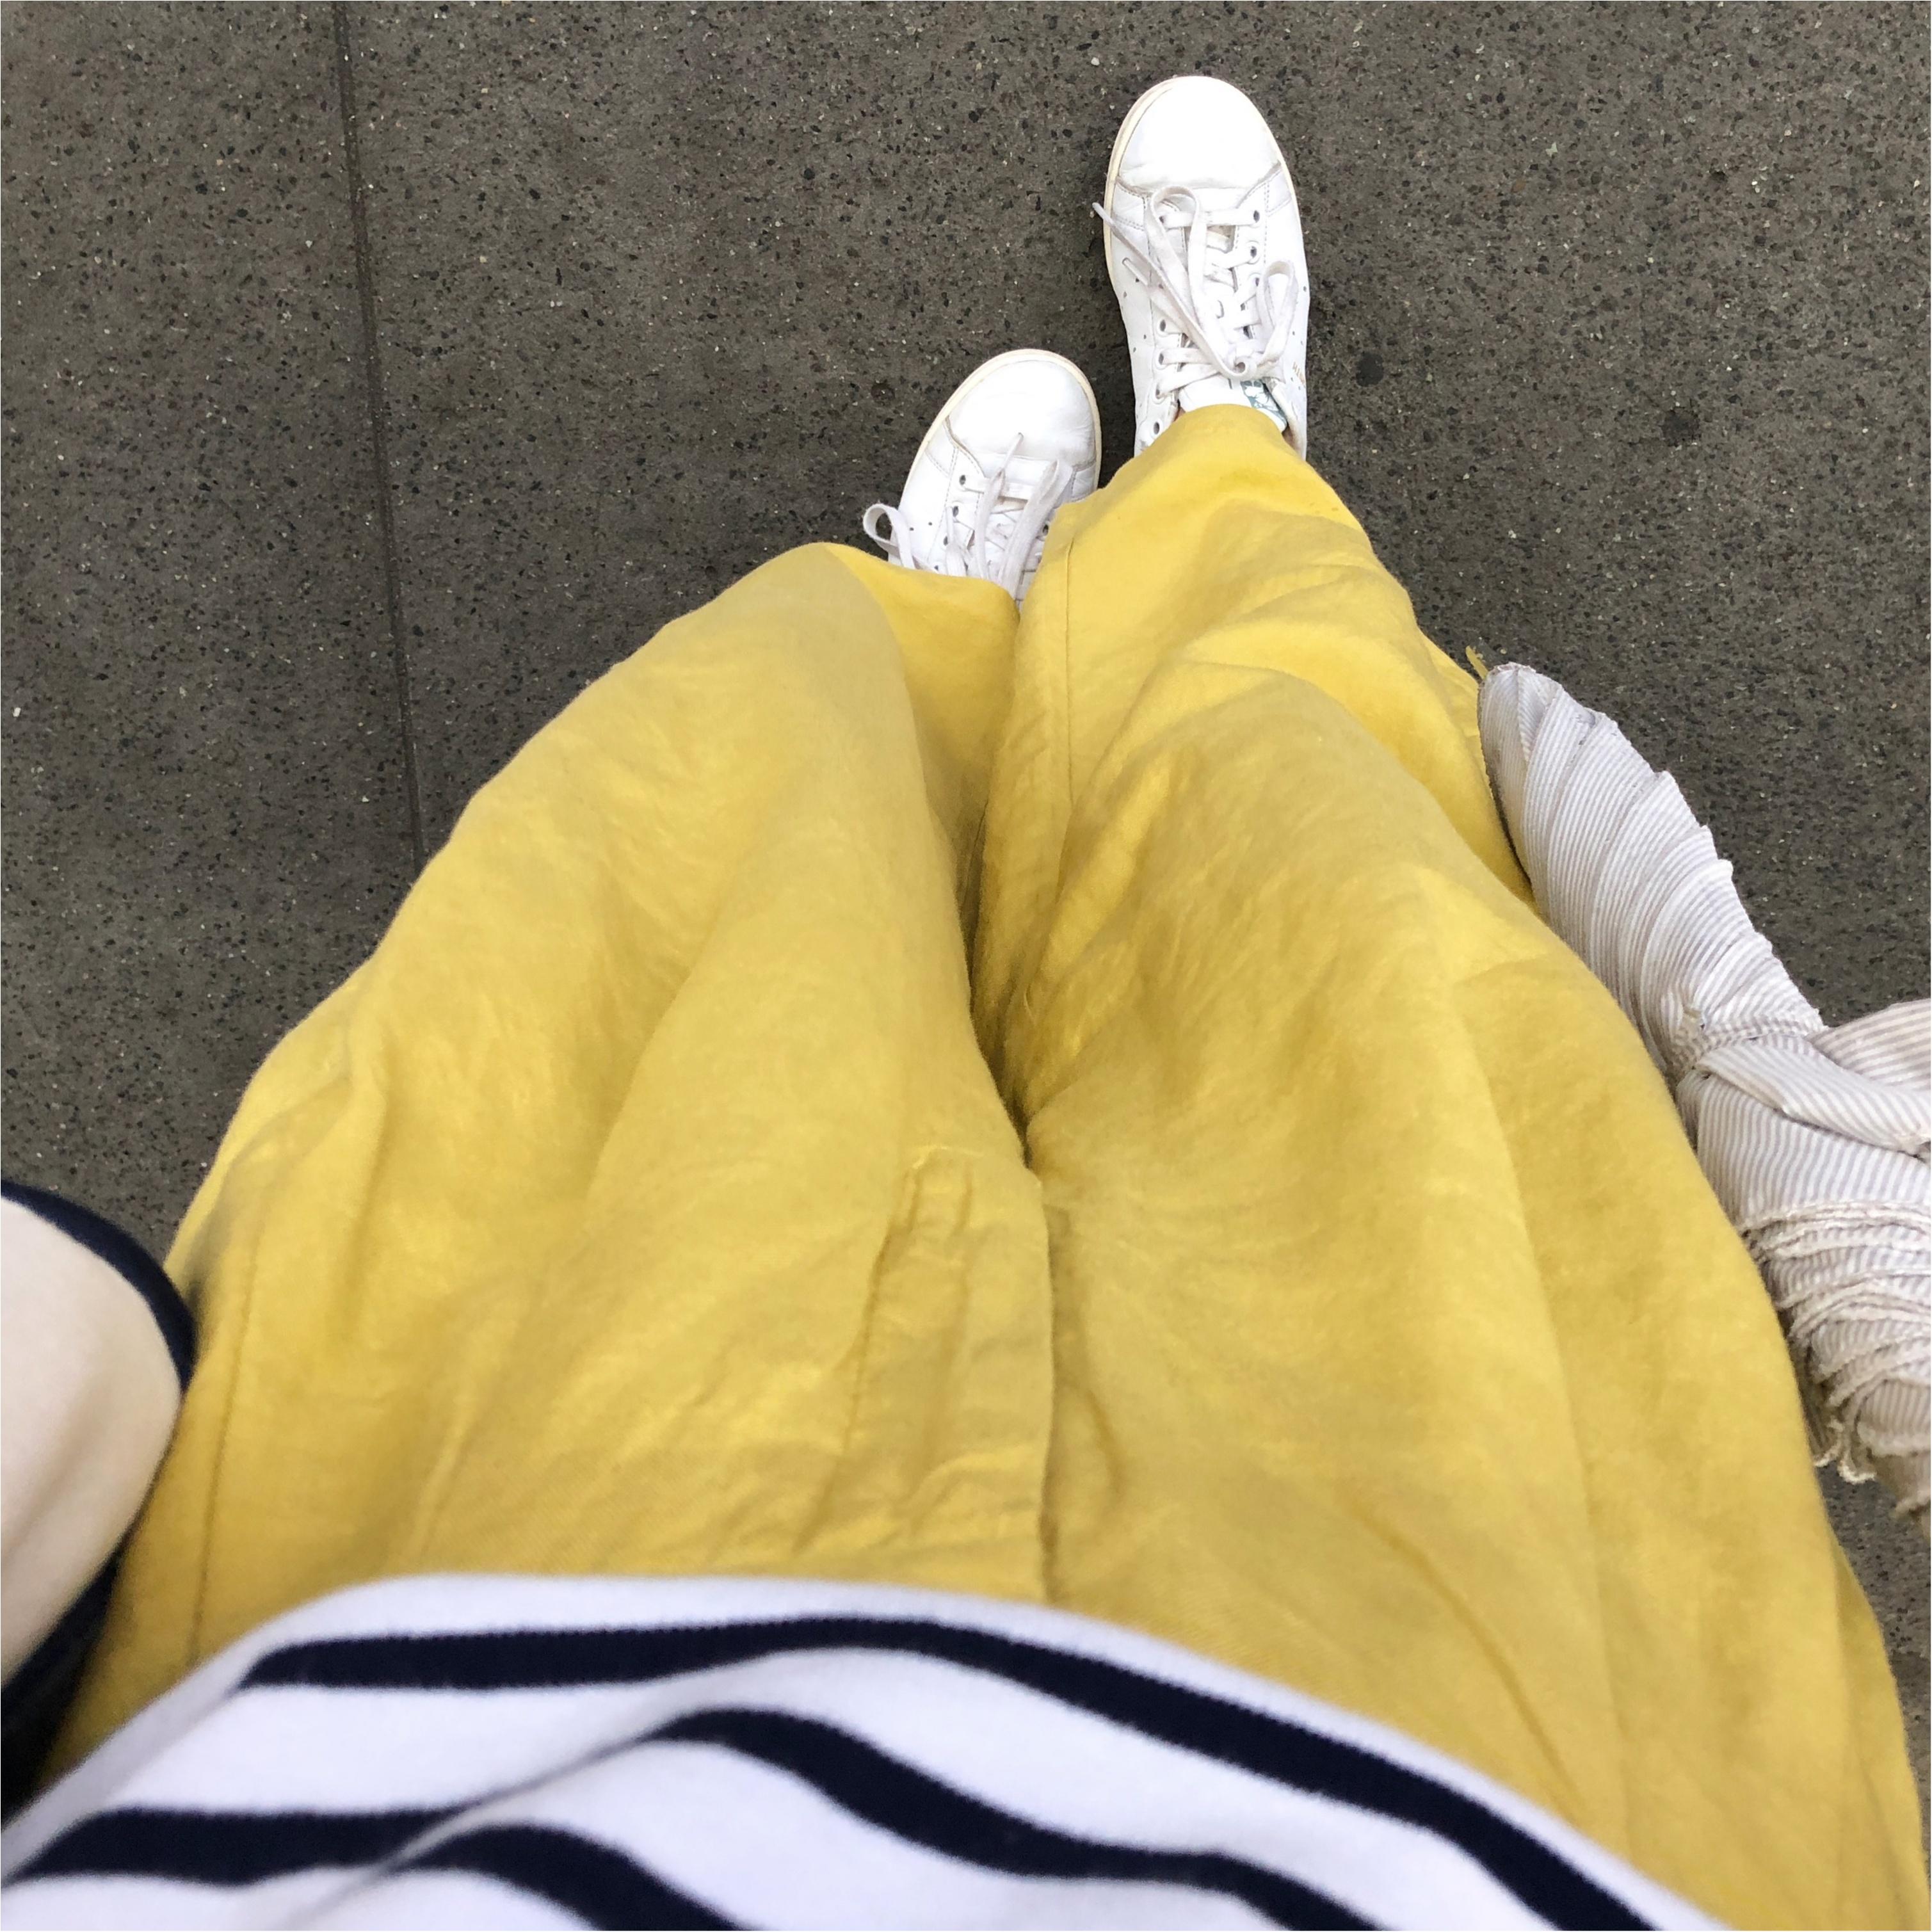 【GU】リネンブレンドワイドパンツが期間限定でお買い得に!夏に涼しくはけちゃう爽やかパンツがおすすめ!_3